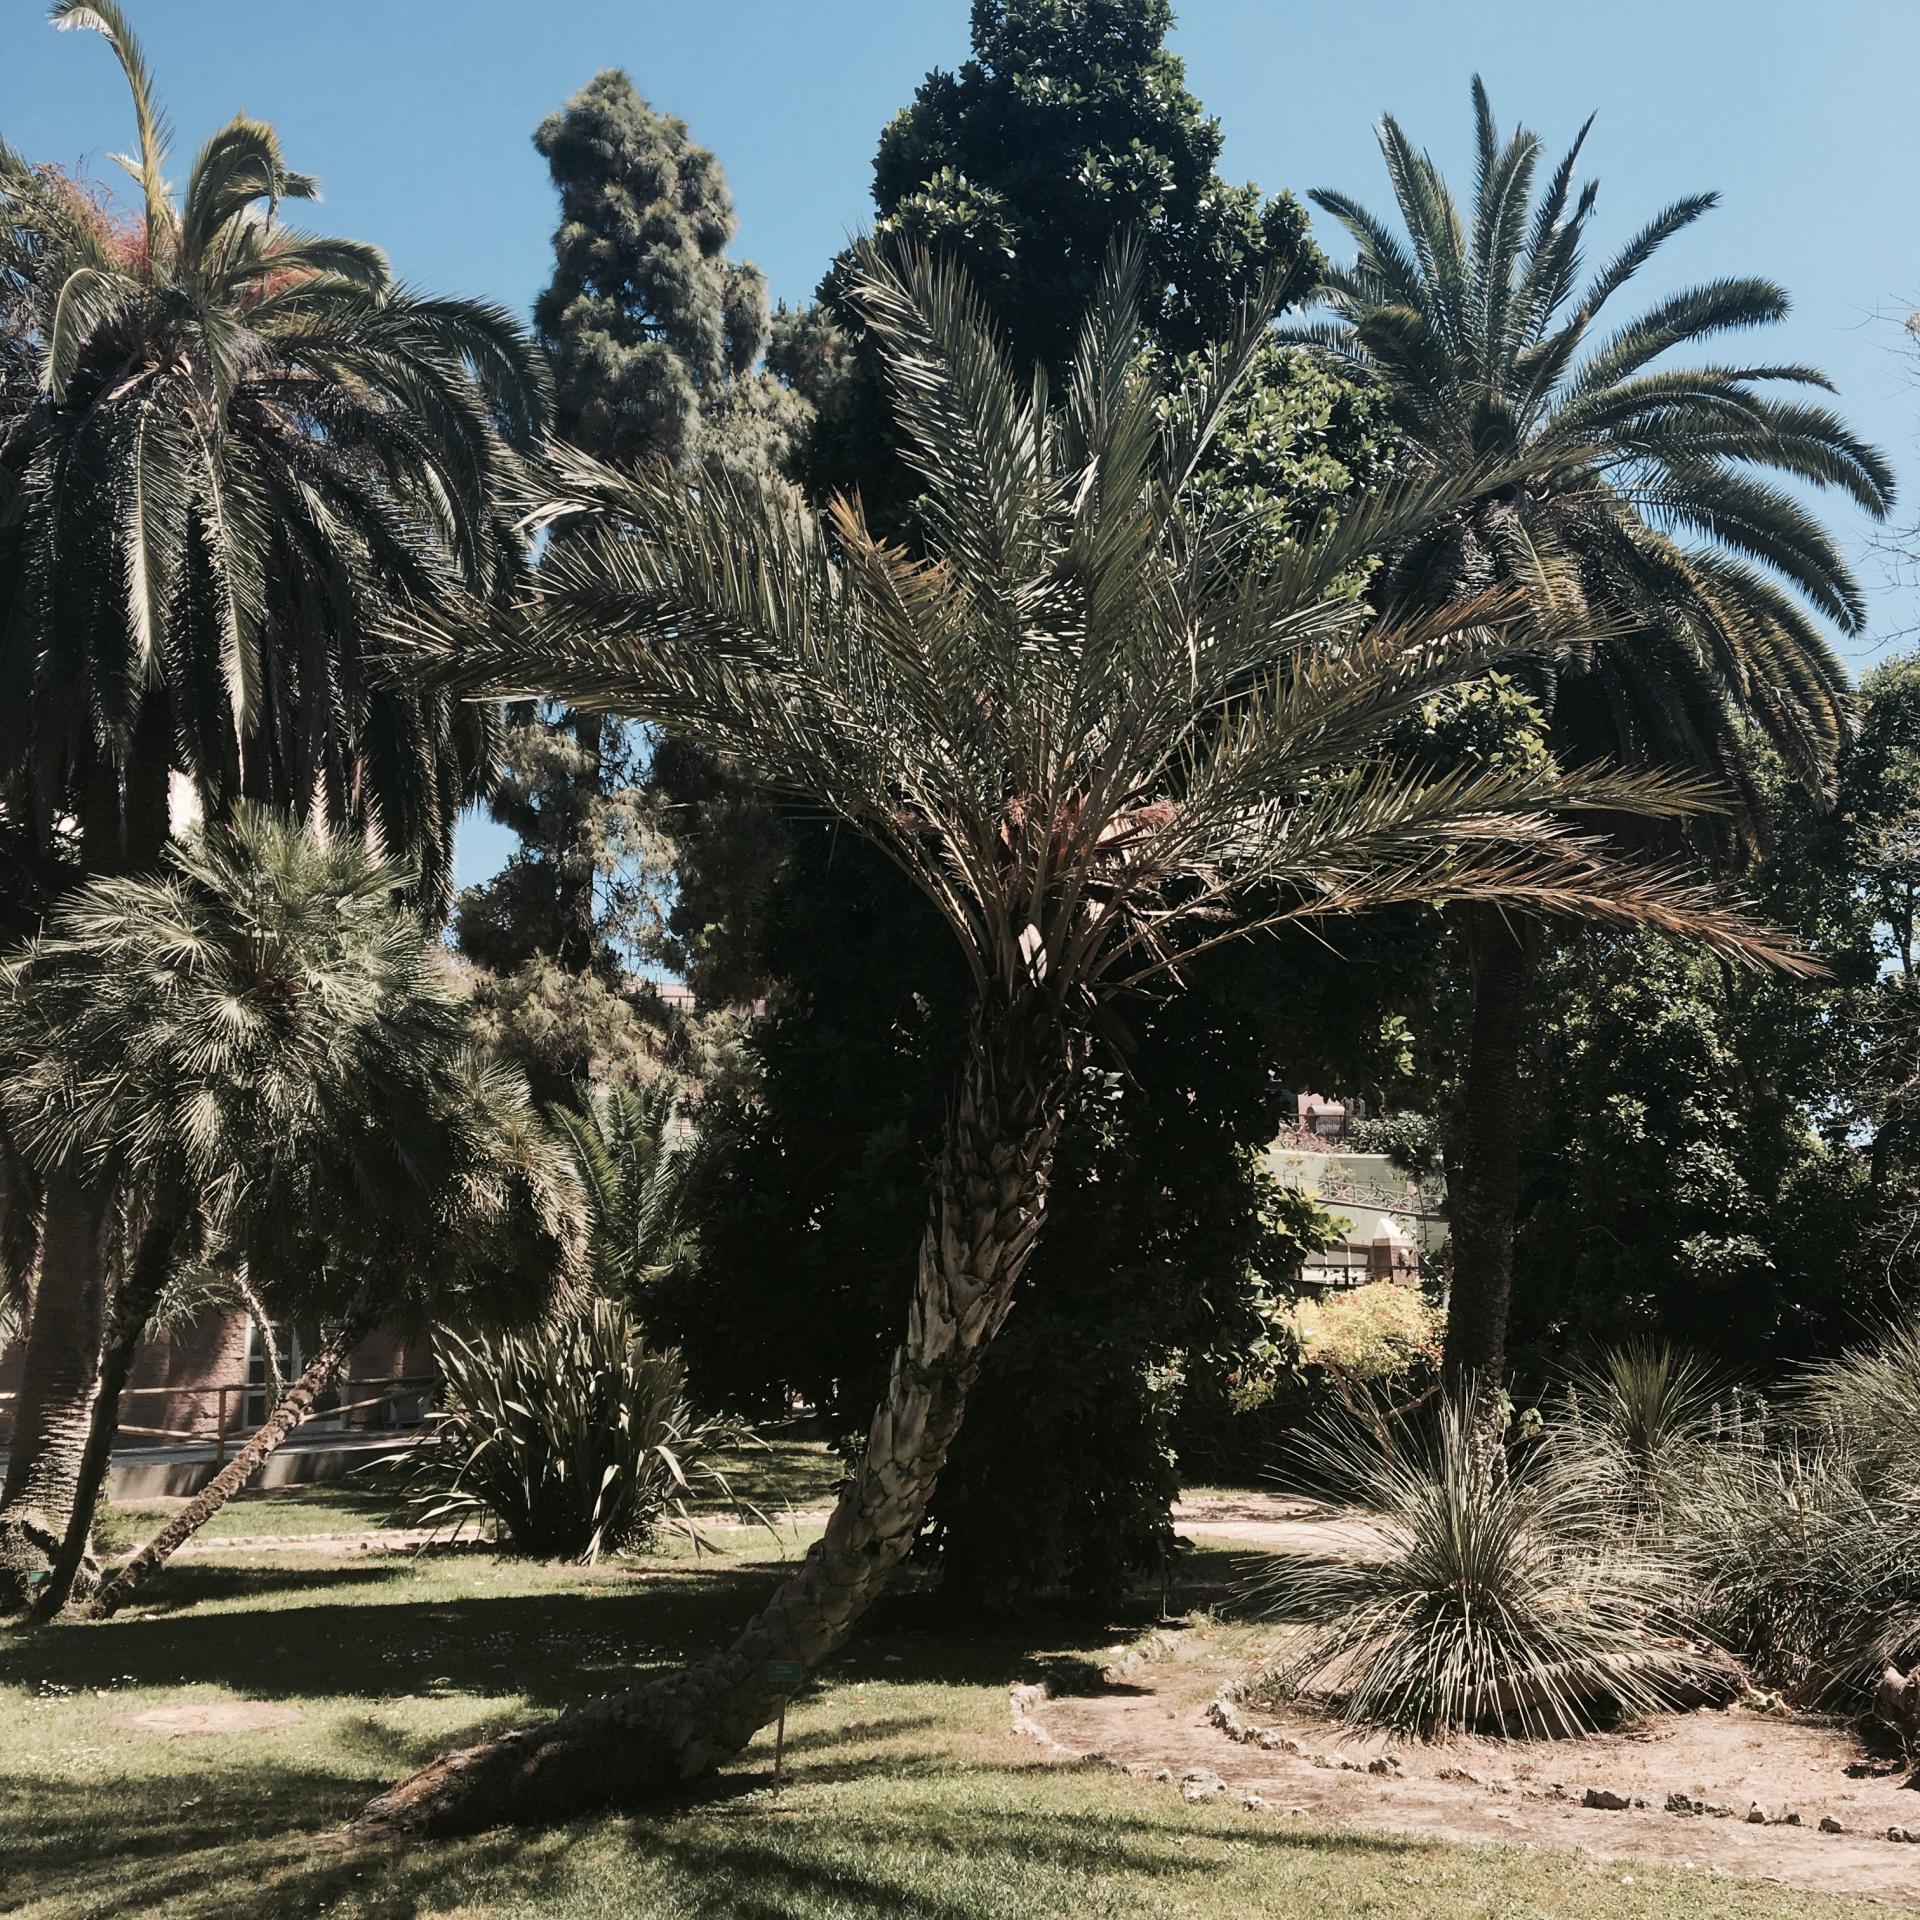 Mon voyage en Sardaigne entre copines 9